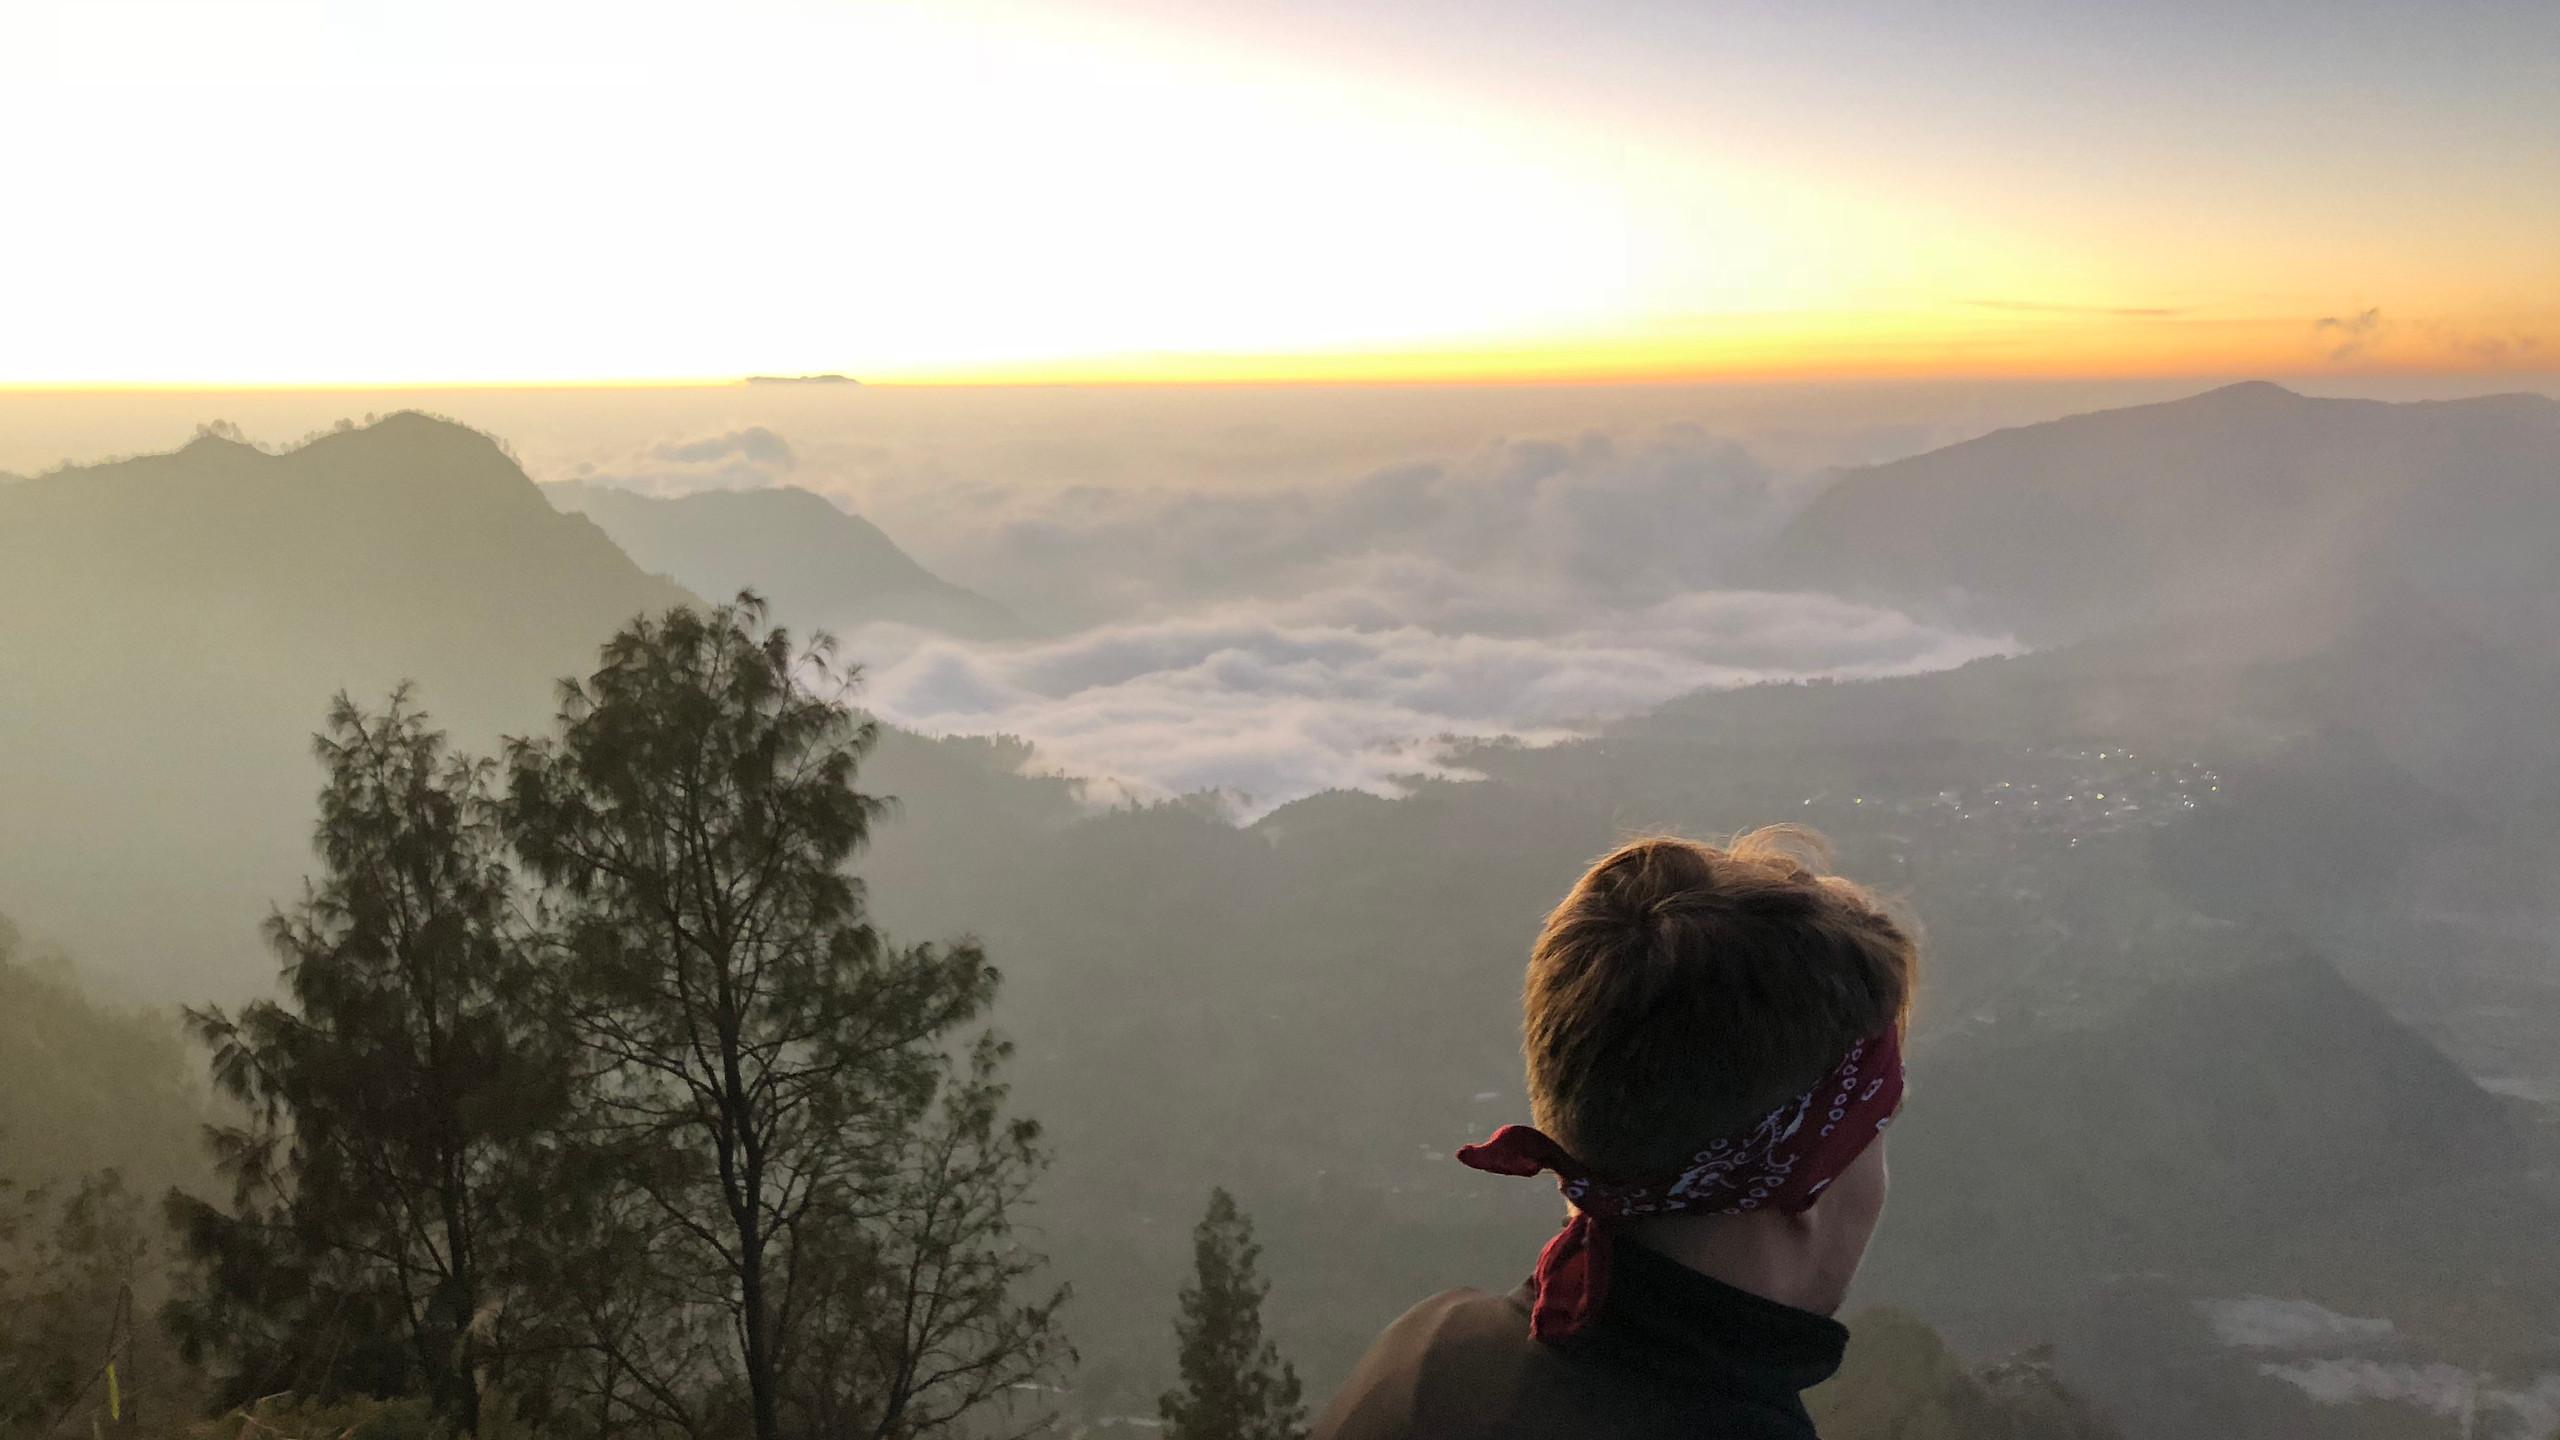 Sonnenaufgang bei einer Eiseskälte - im Hintergrund erstrecken sich die Vulkane